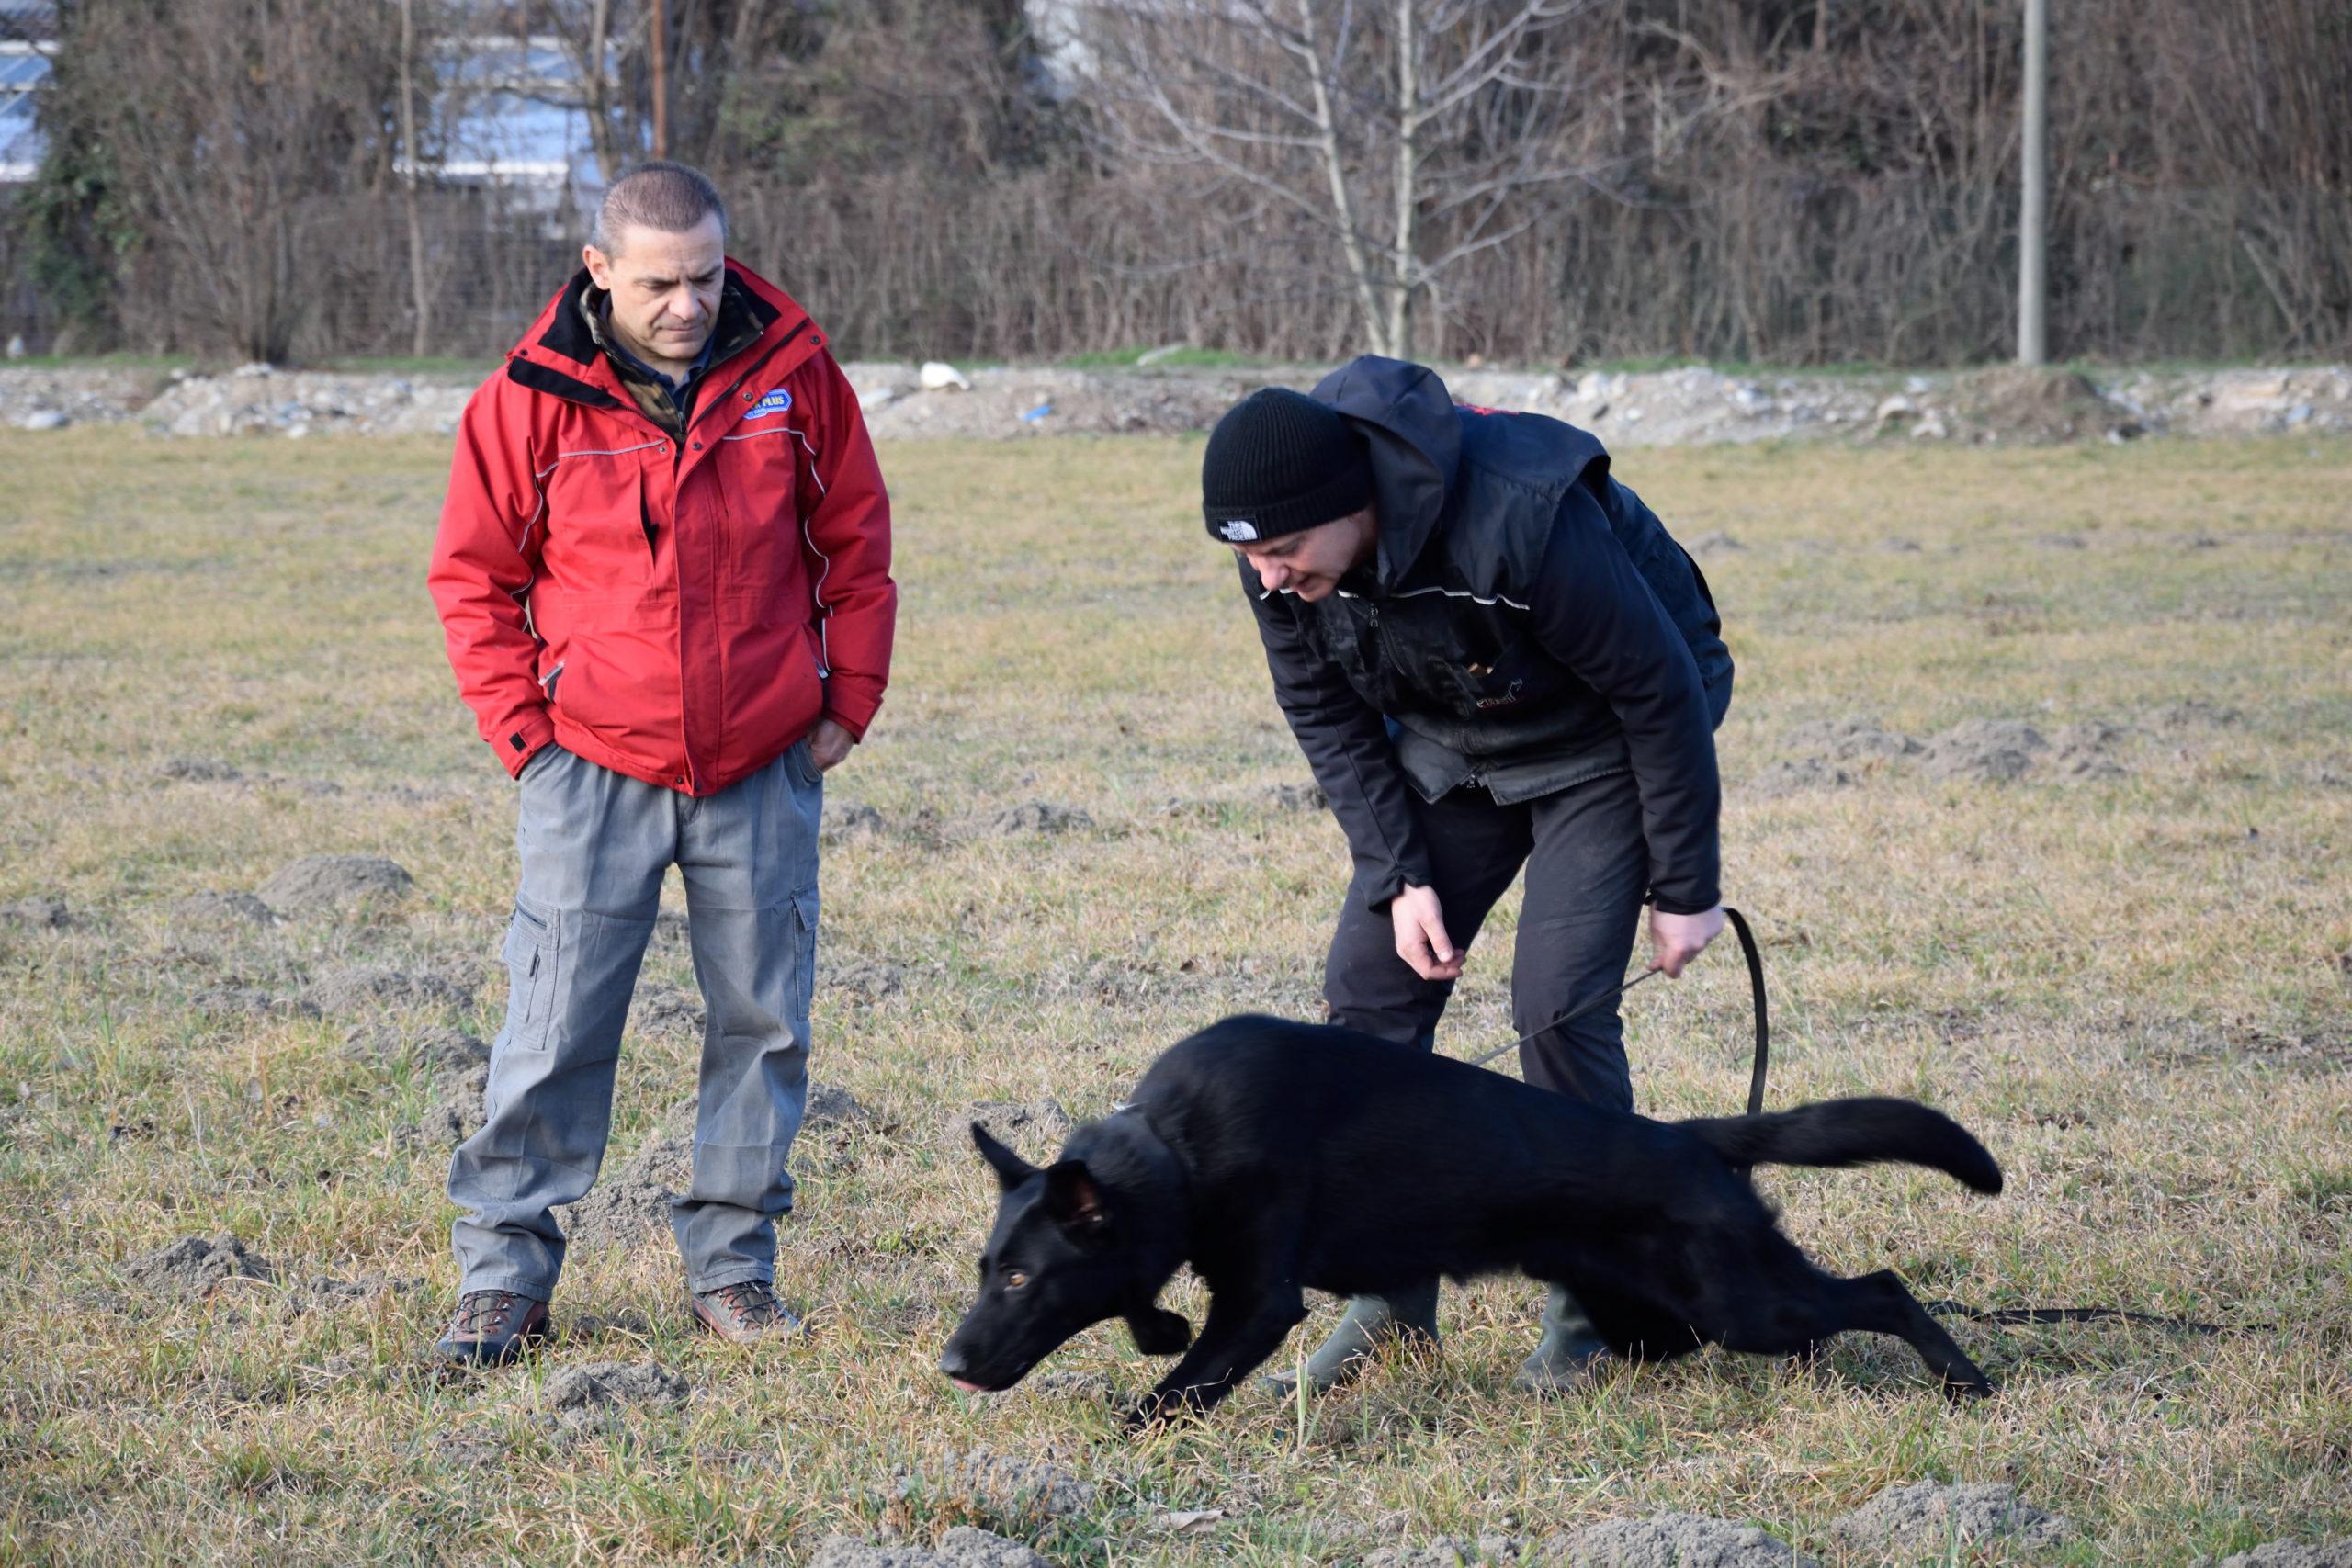 Cane in allenamento per una pista